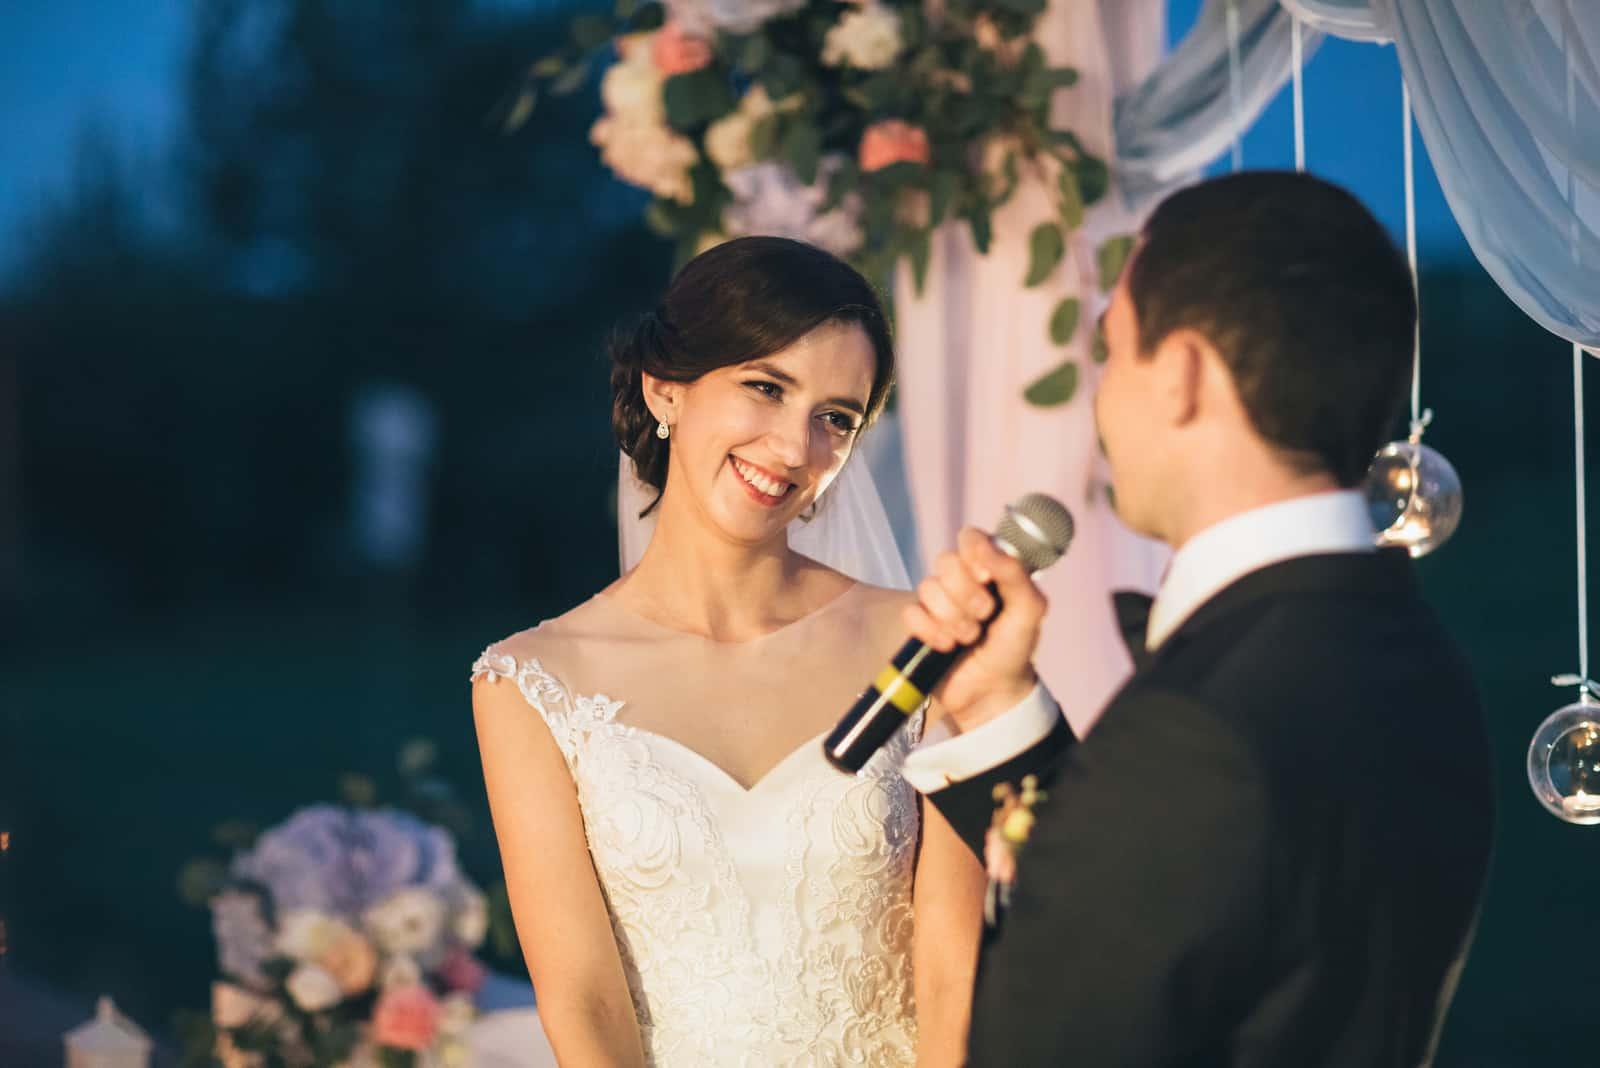 Der Bräutigam hält ein Mikrofon und spricht mit seiner Braut